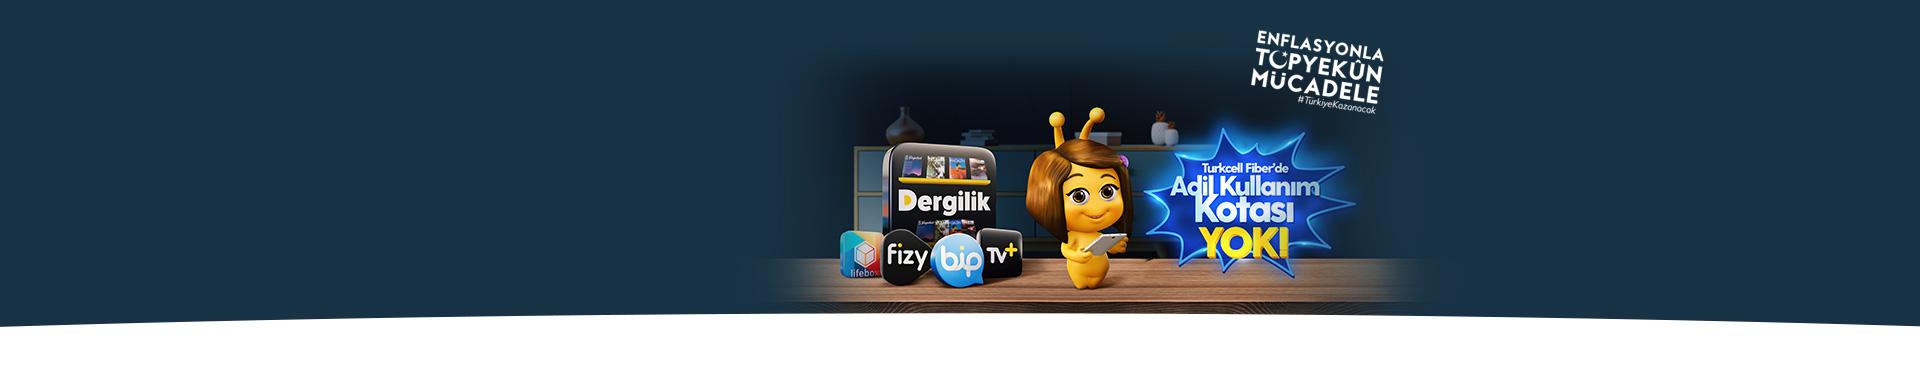 Turkcell Fiber'de Adil Kullanım Kotası Yok